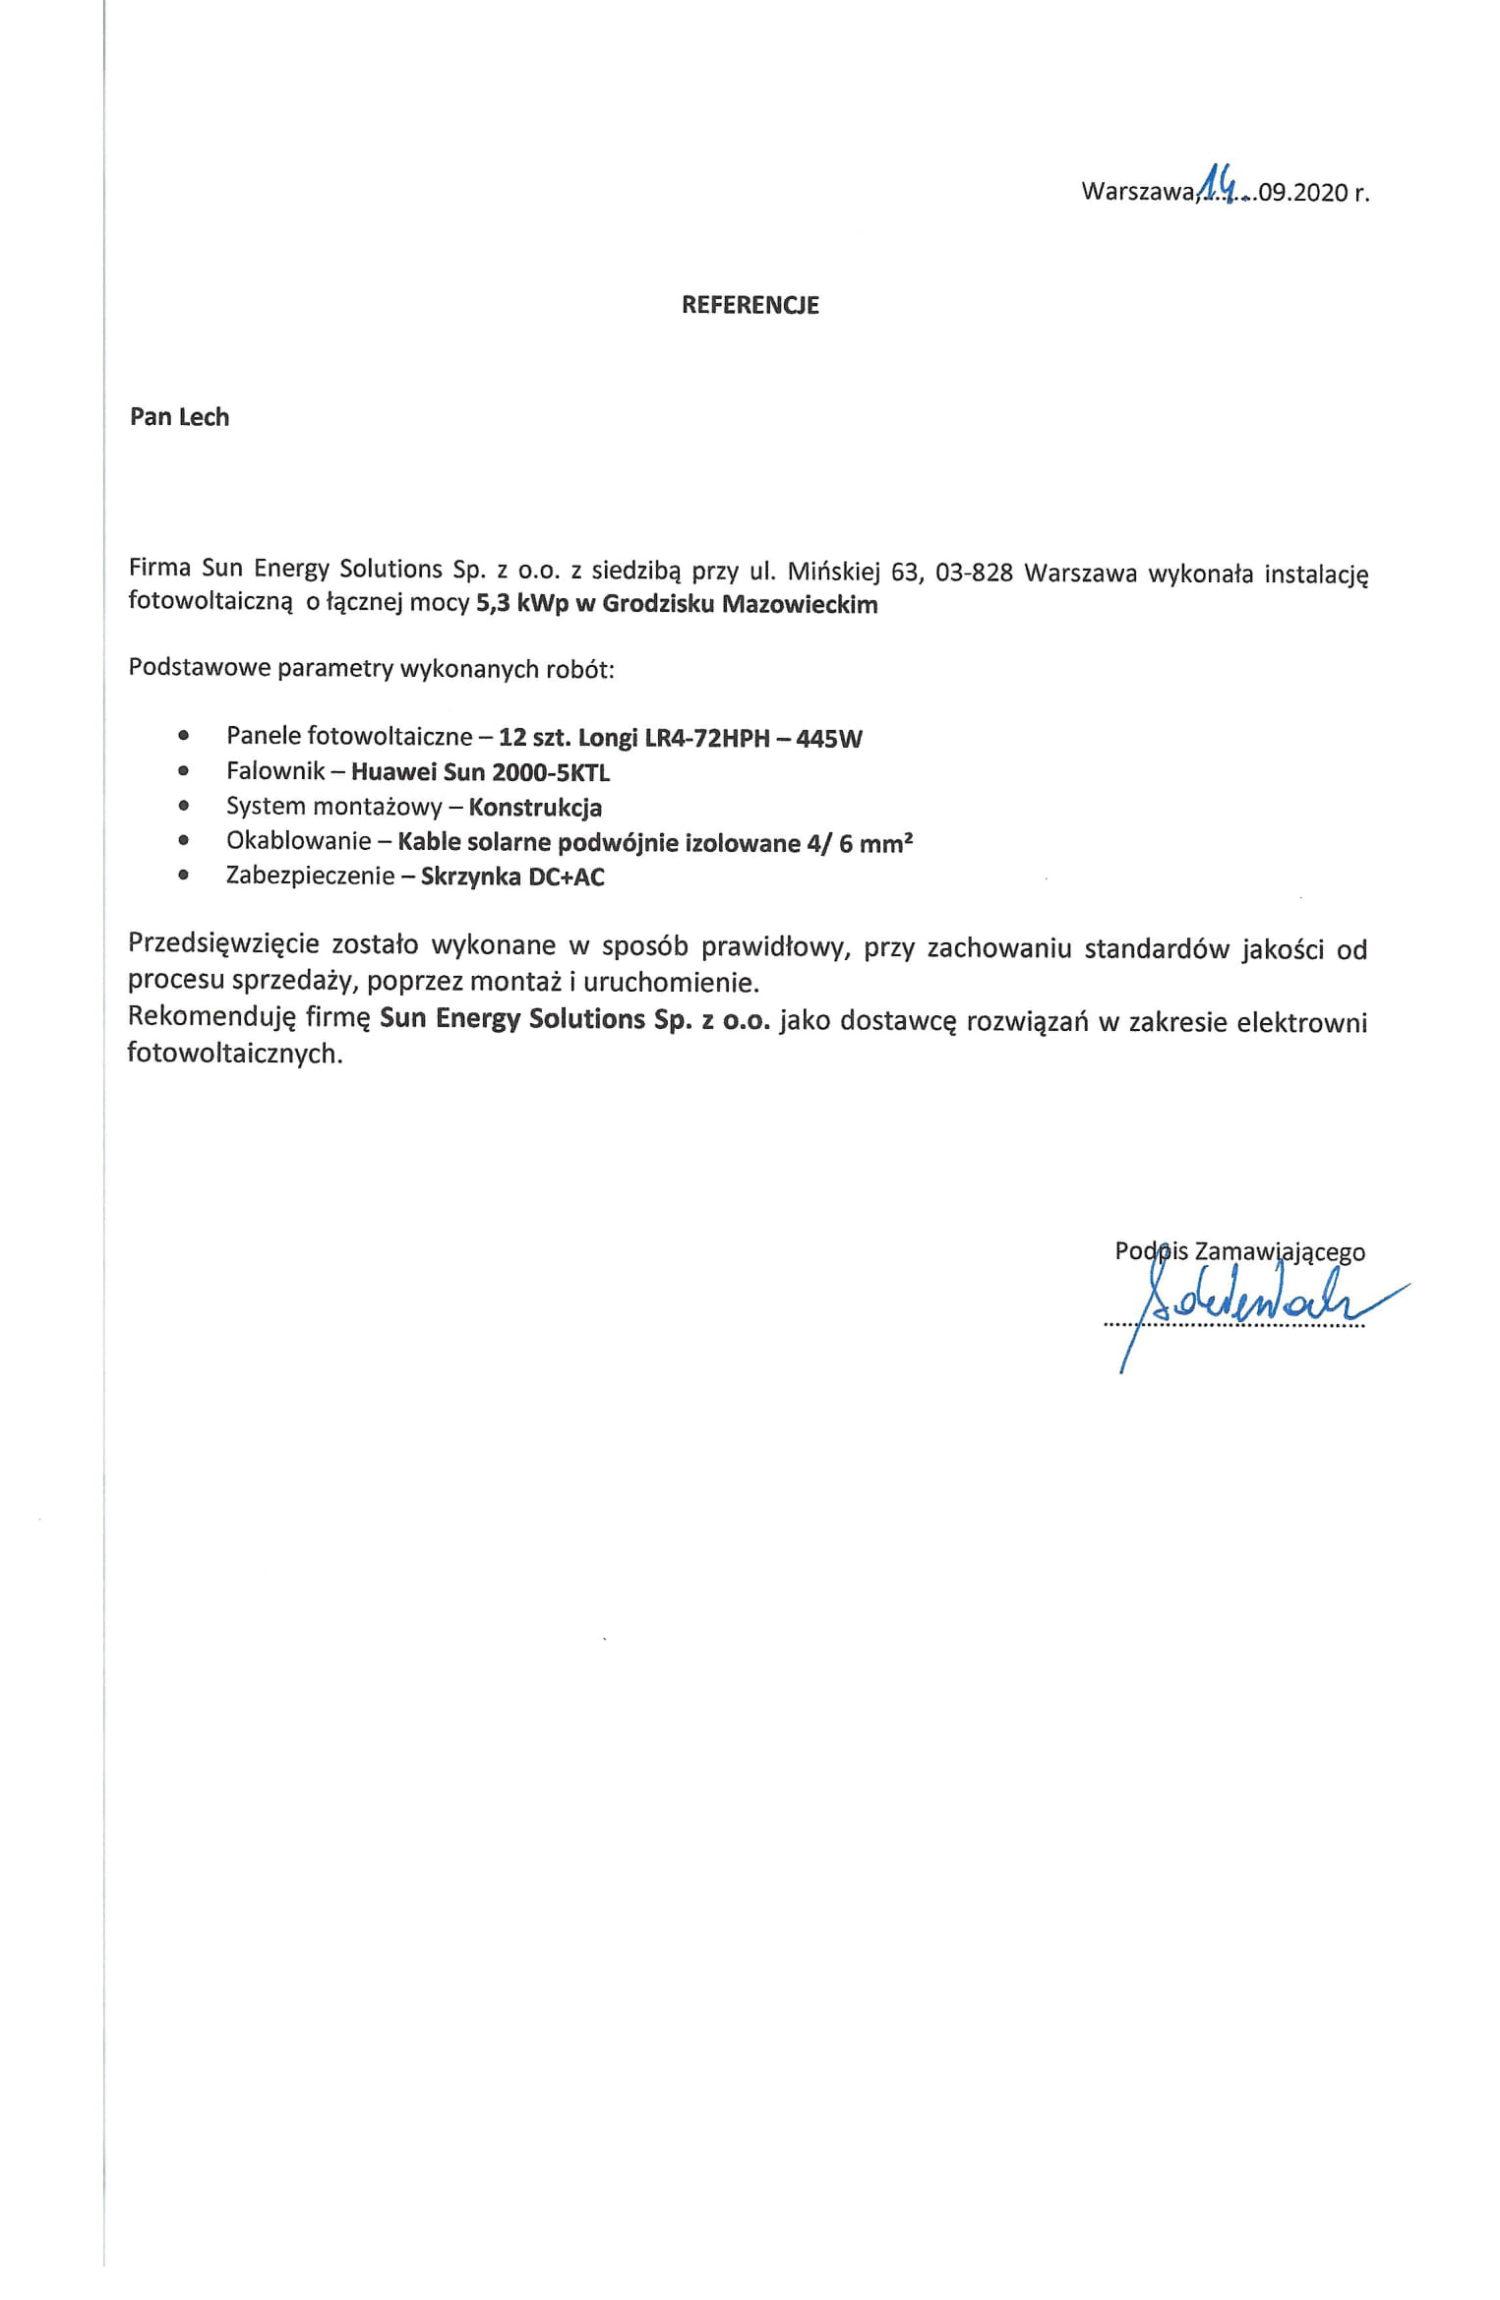 Referencja Sun Energy Solutions - Wrzesień 2020